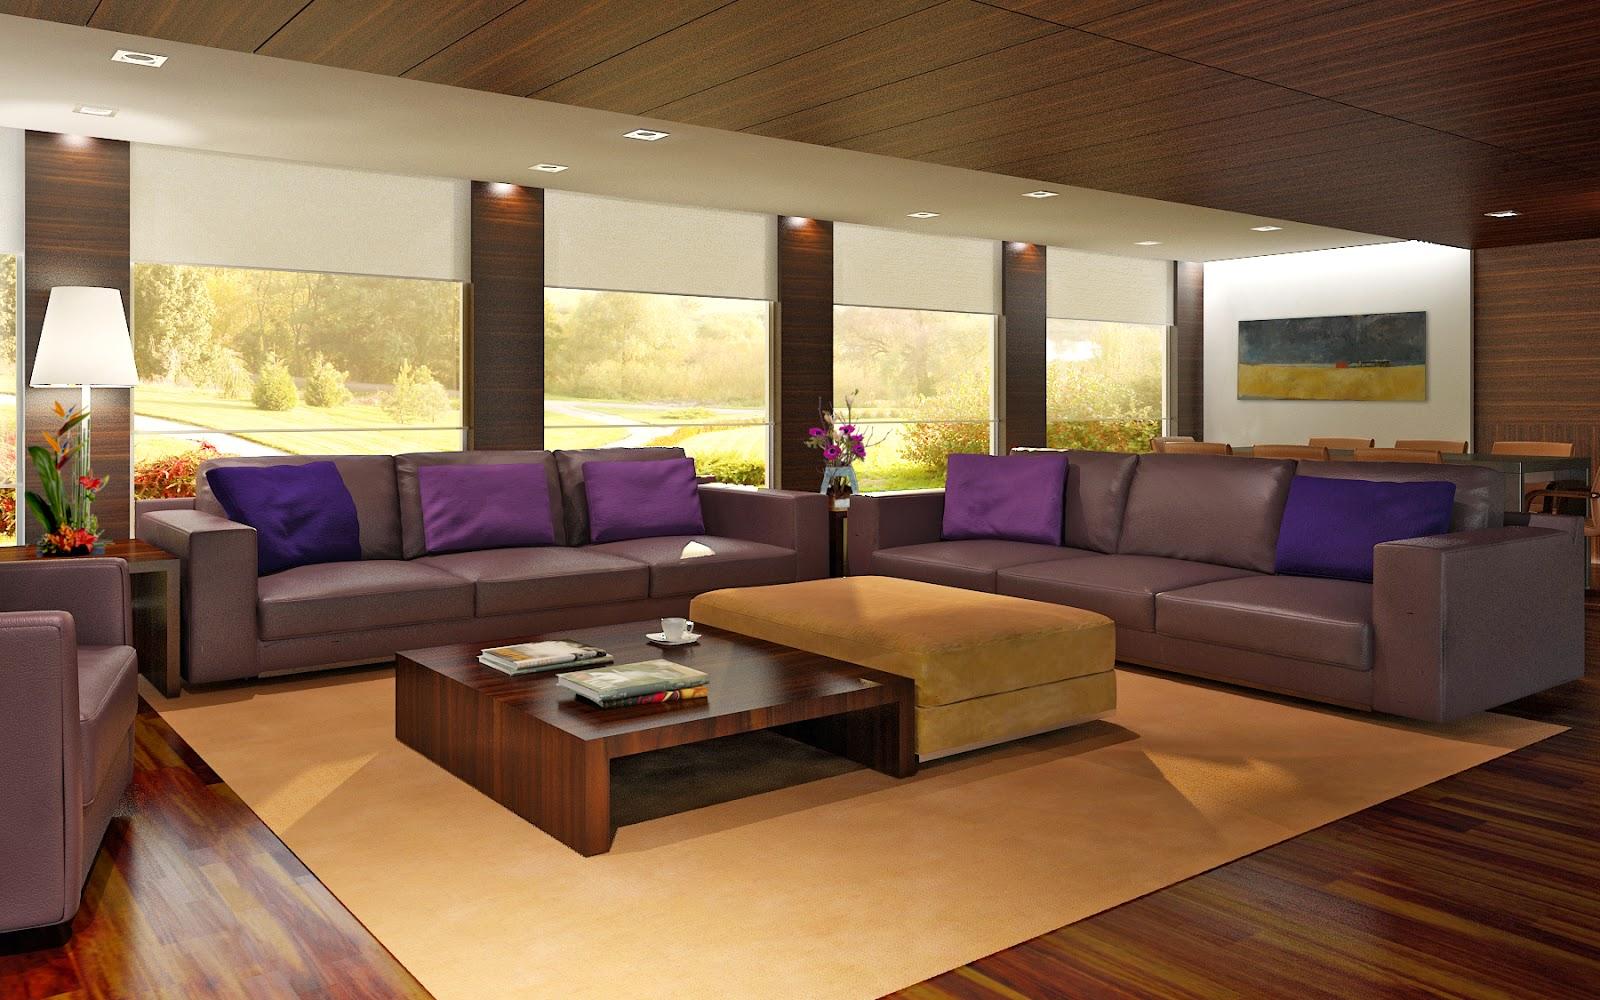 Living Room Sofa Designs Home Design Ideas